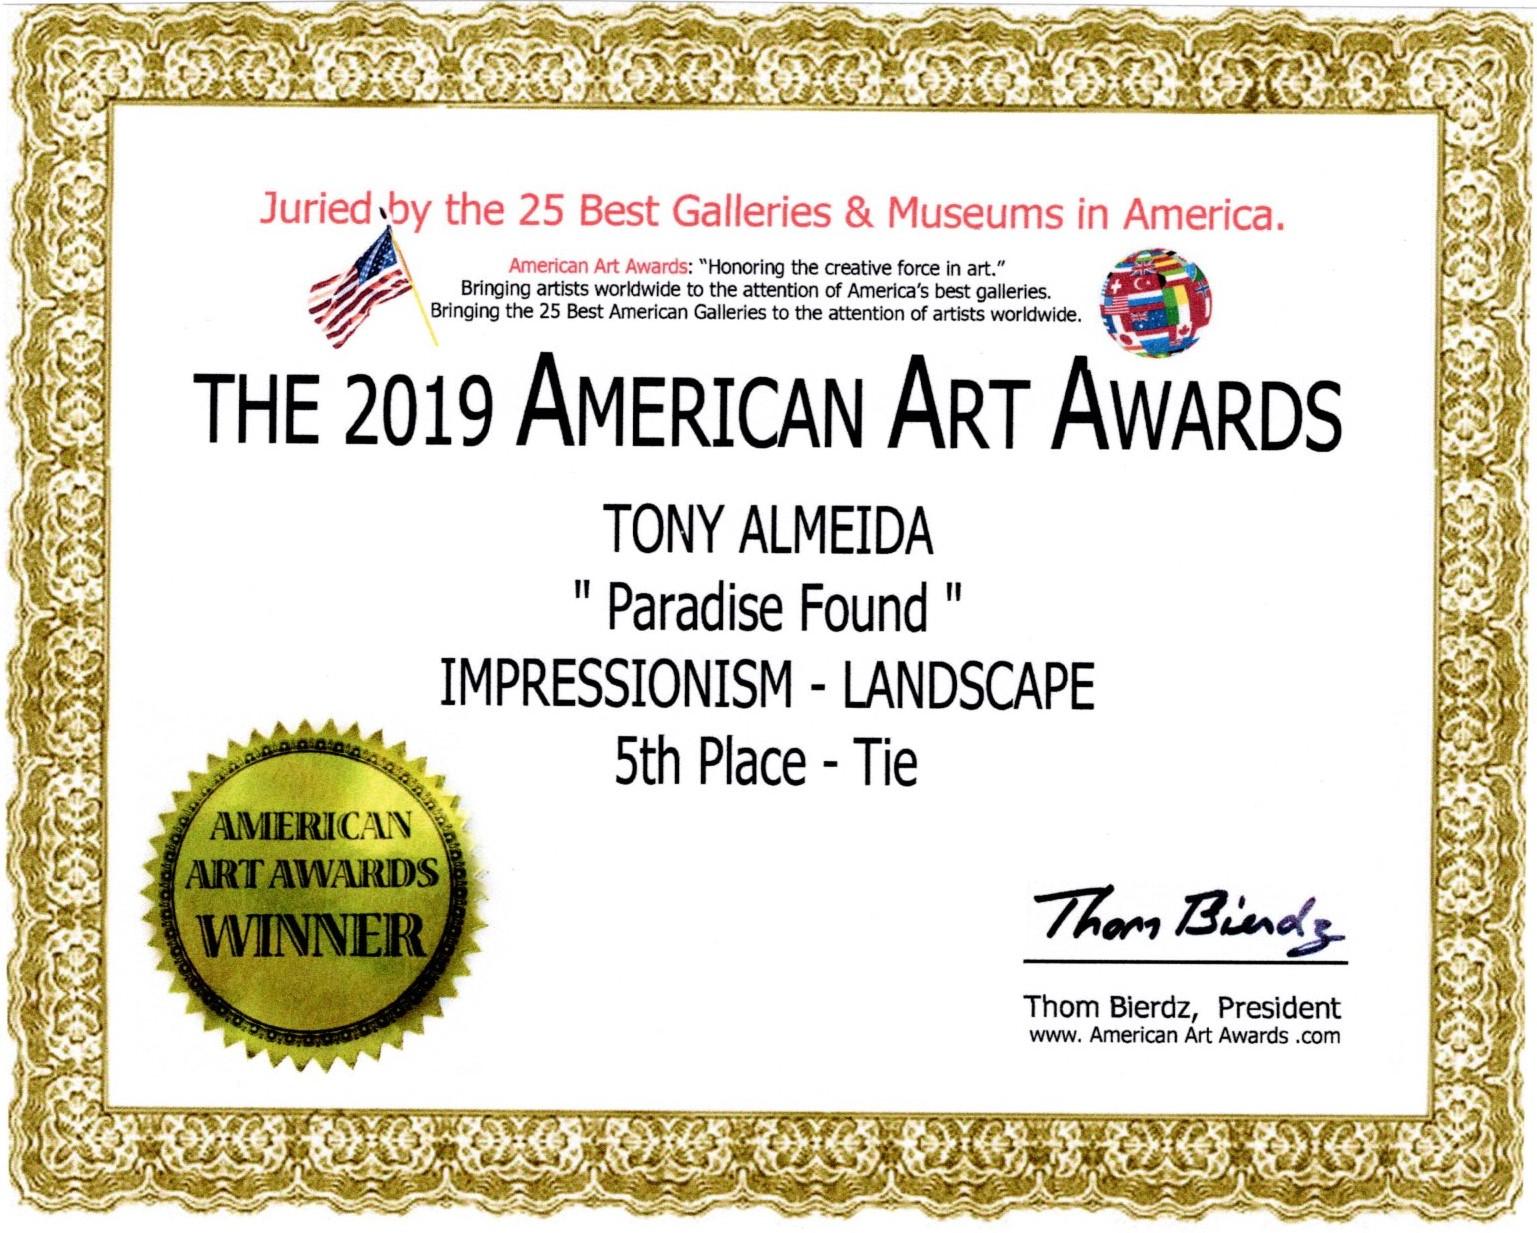 American Art Awards Certificate